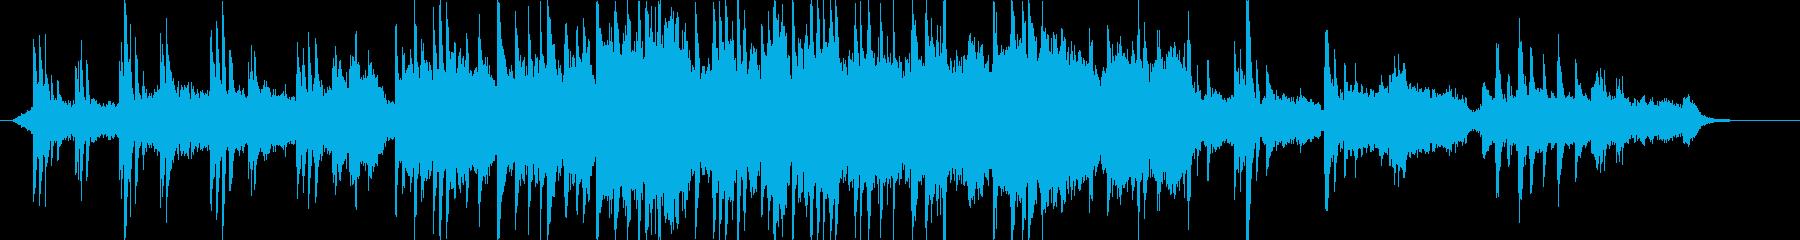 ピアノとストリングス自然の中にいるようなの再生済みの波形